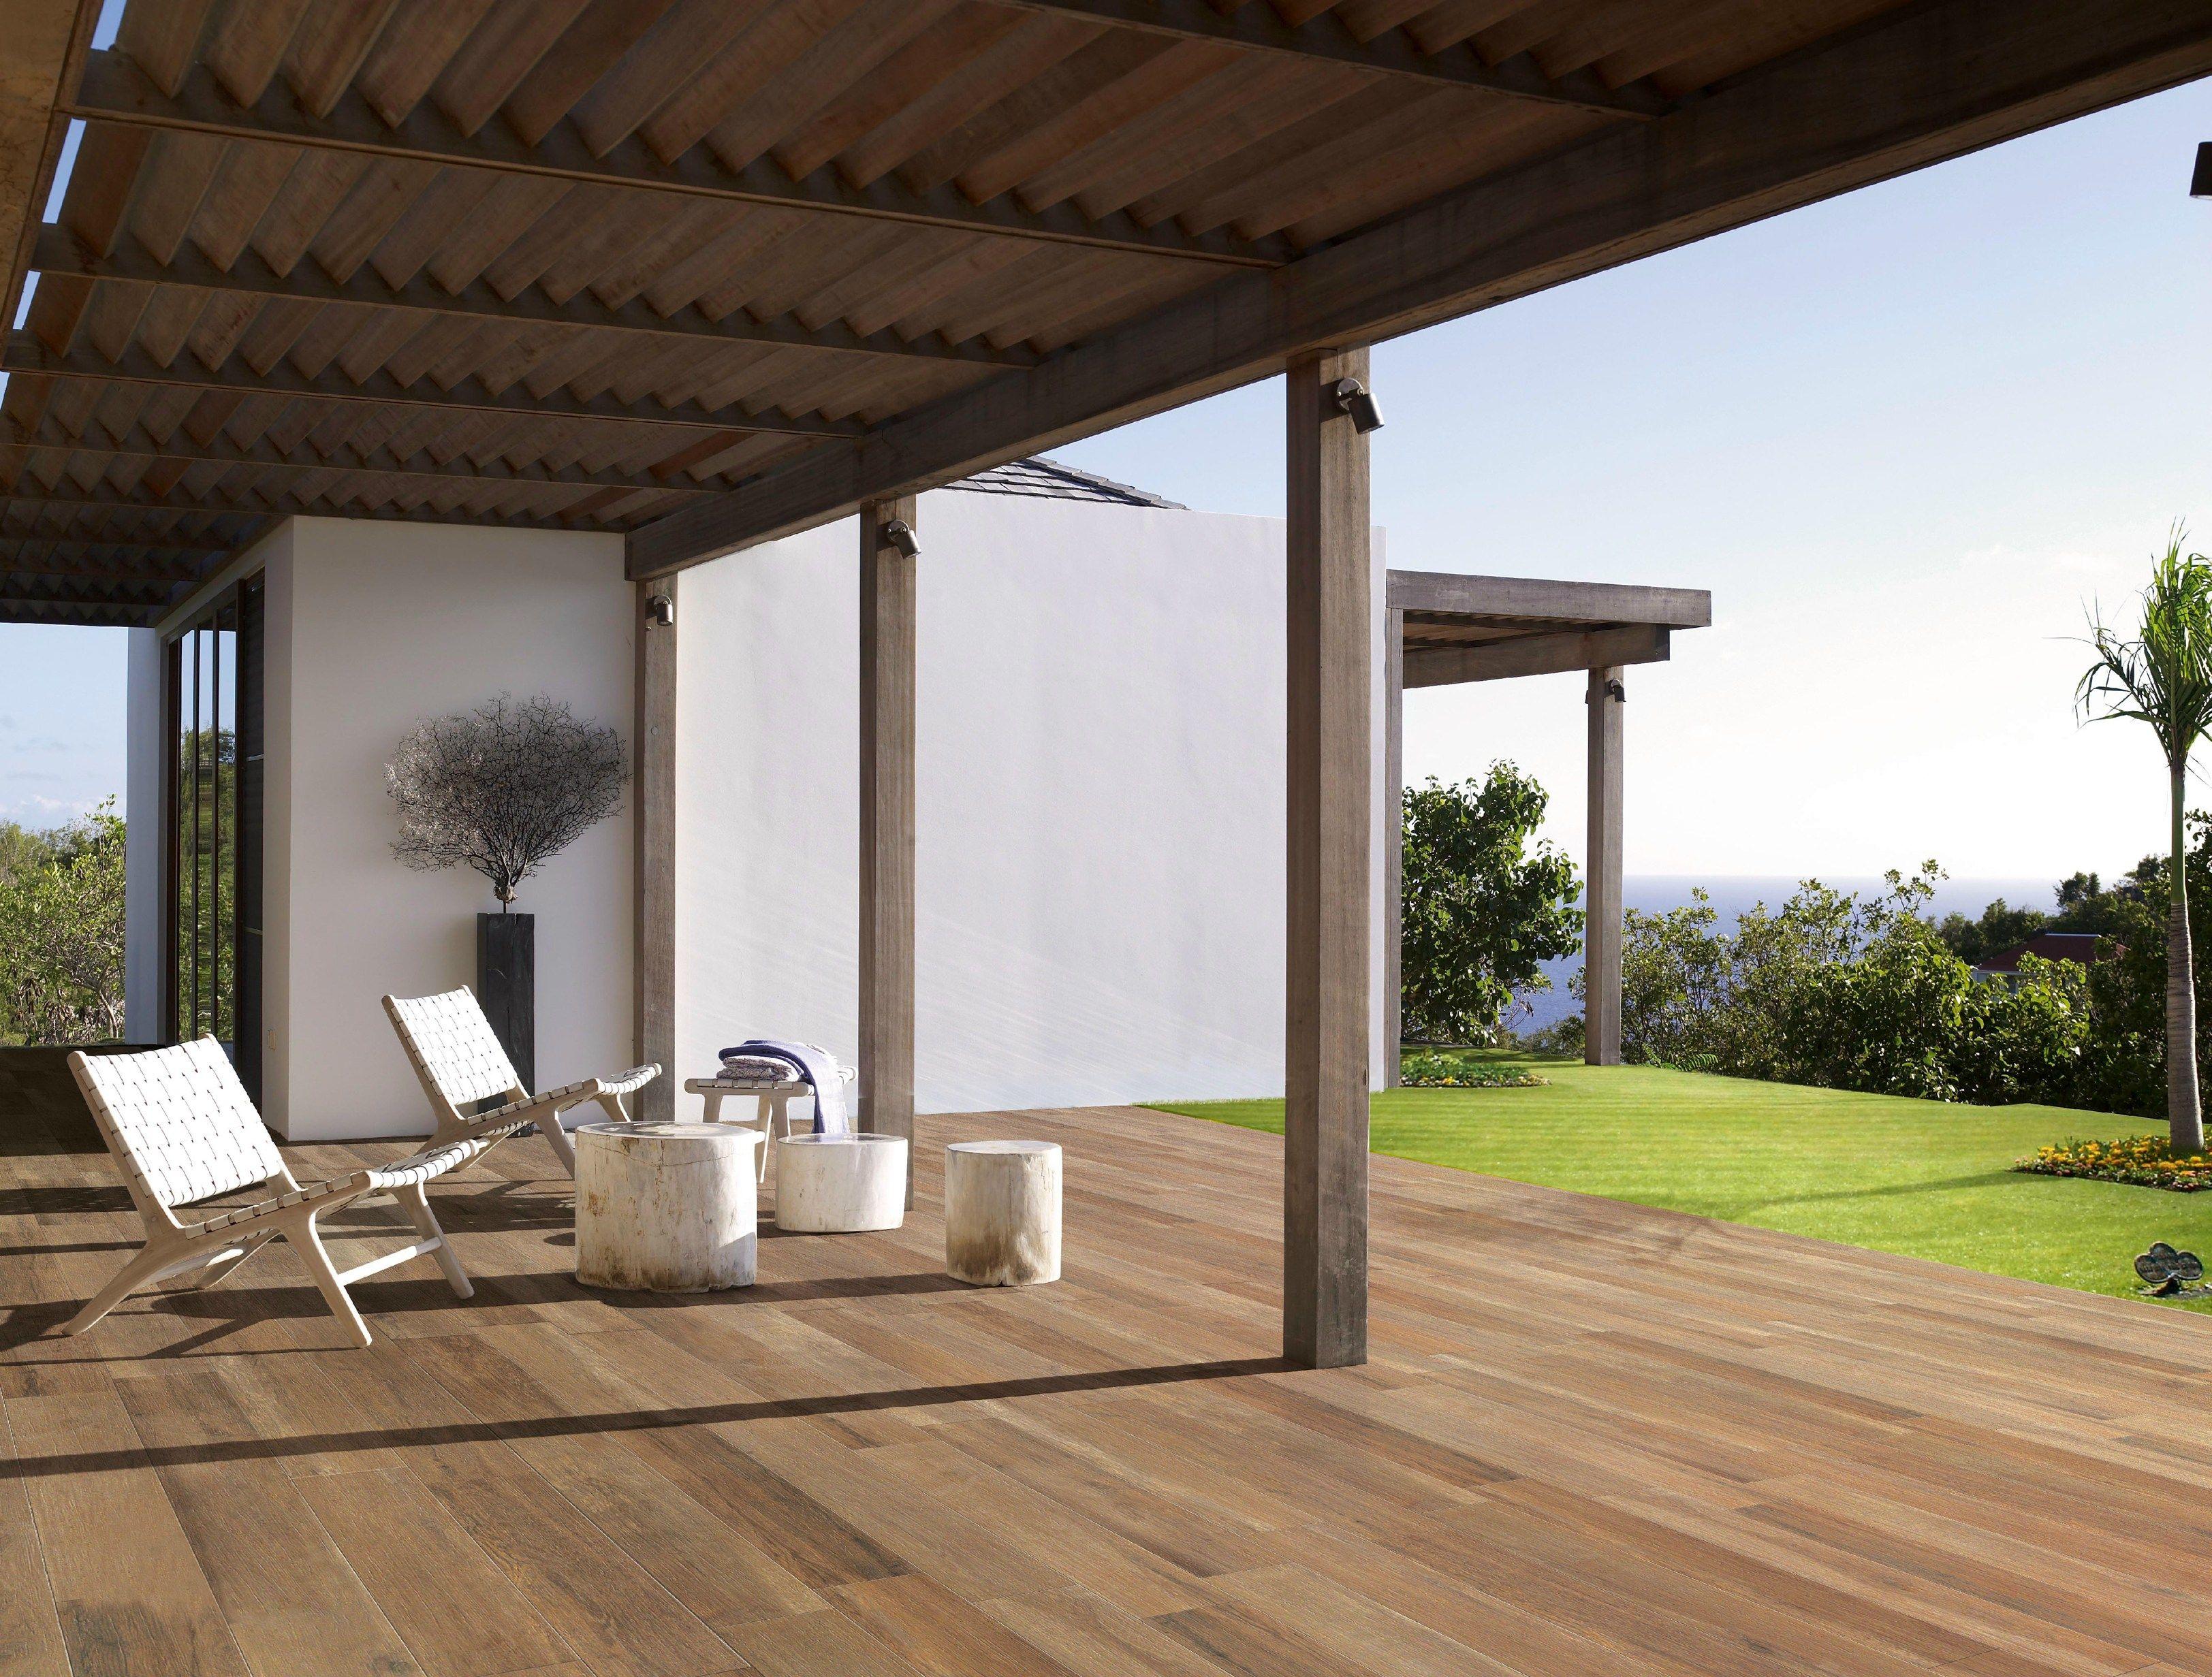 Pavimento in gres porcellanato effetto legno per interni - Gres porcellanato effetto legno esterno ...